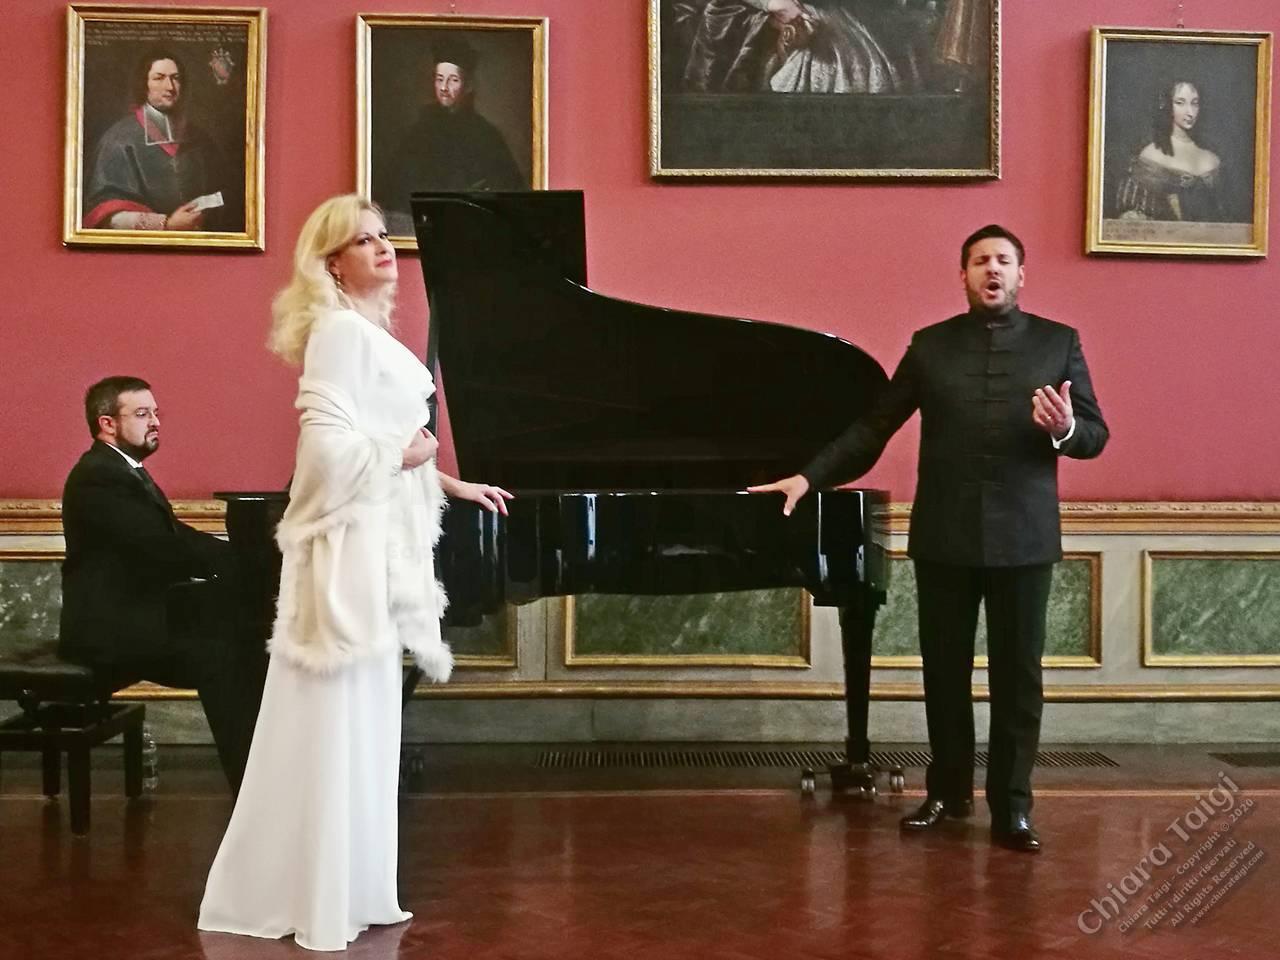 Chiara Taigi e Andrea Carè, concerto indimenticabile e tributo a Verdi in scena, Palazzo Barolo a Torino